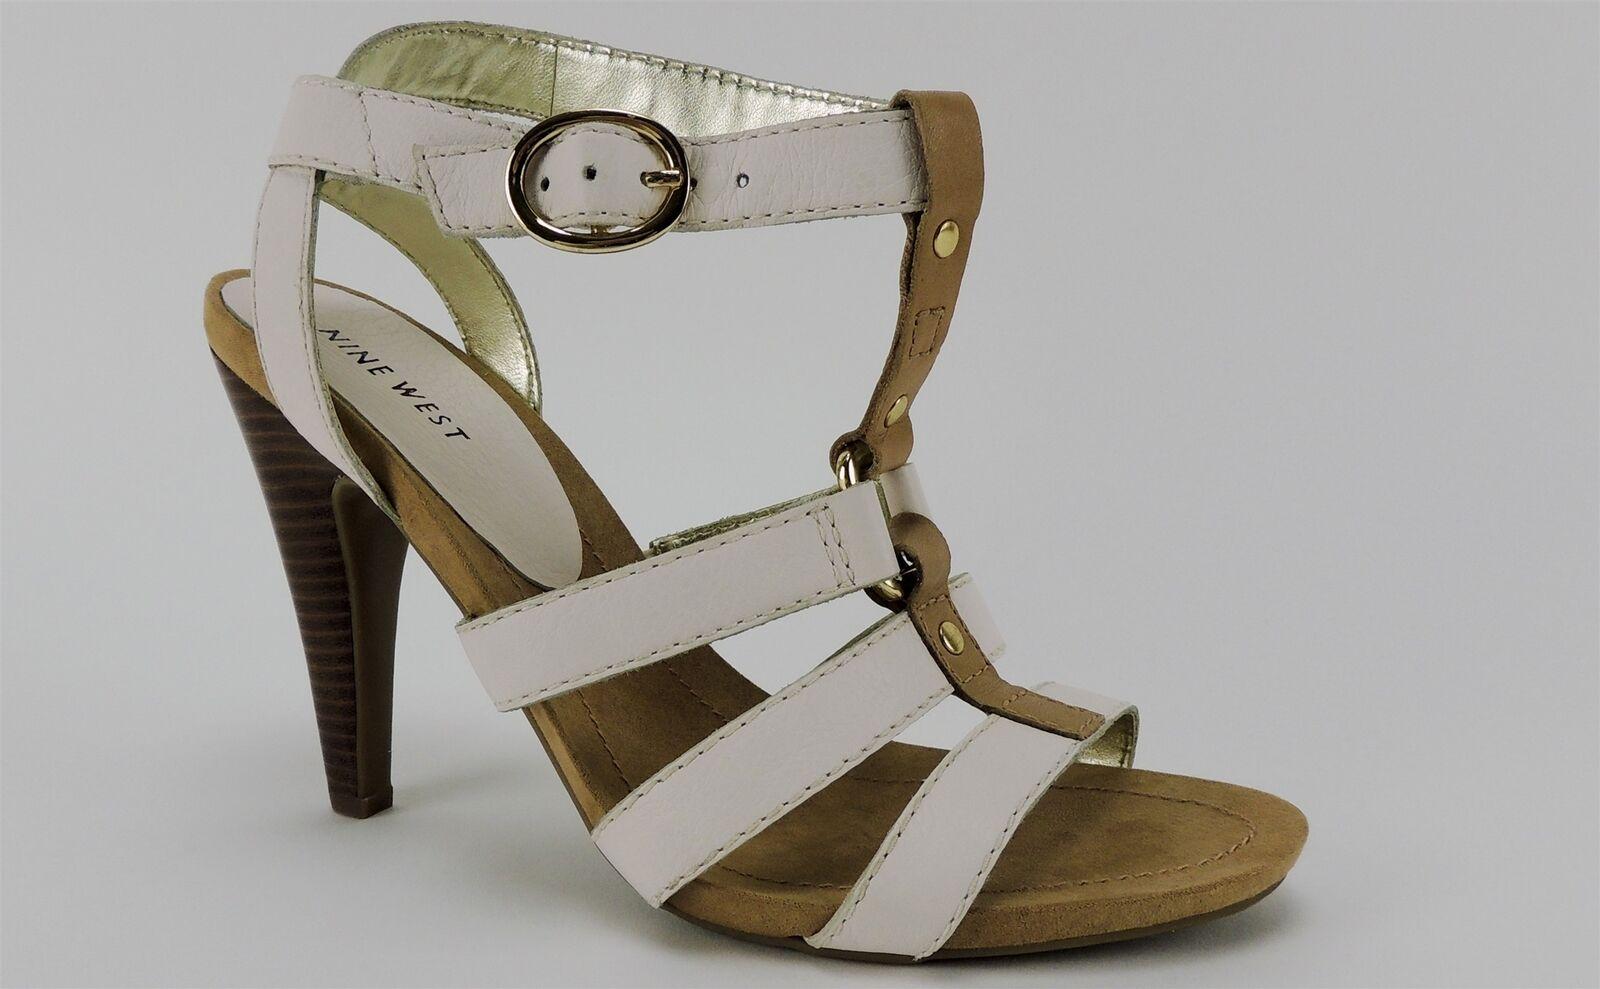 Nine West Women's Stellen Caged High Heel Sandals Buttermilk Leather 11 (B, M)